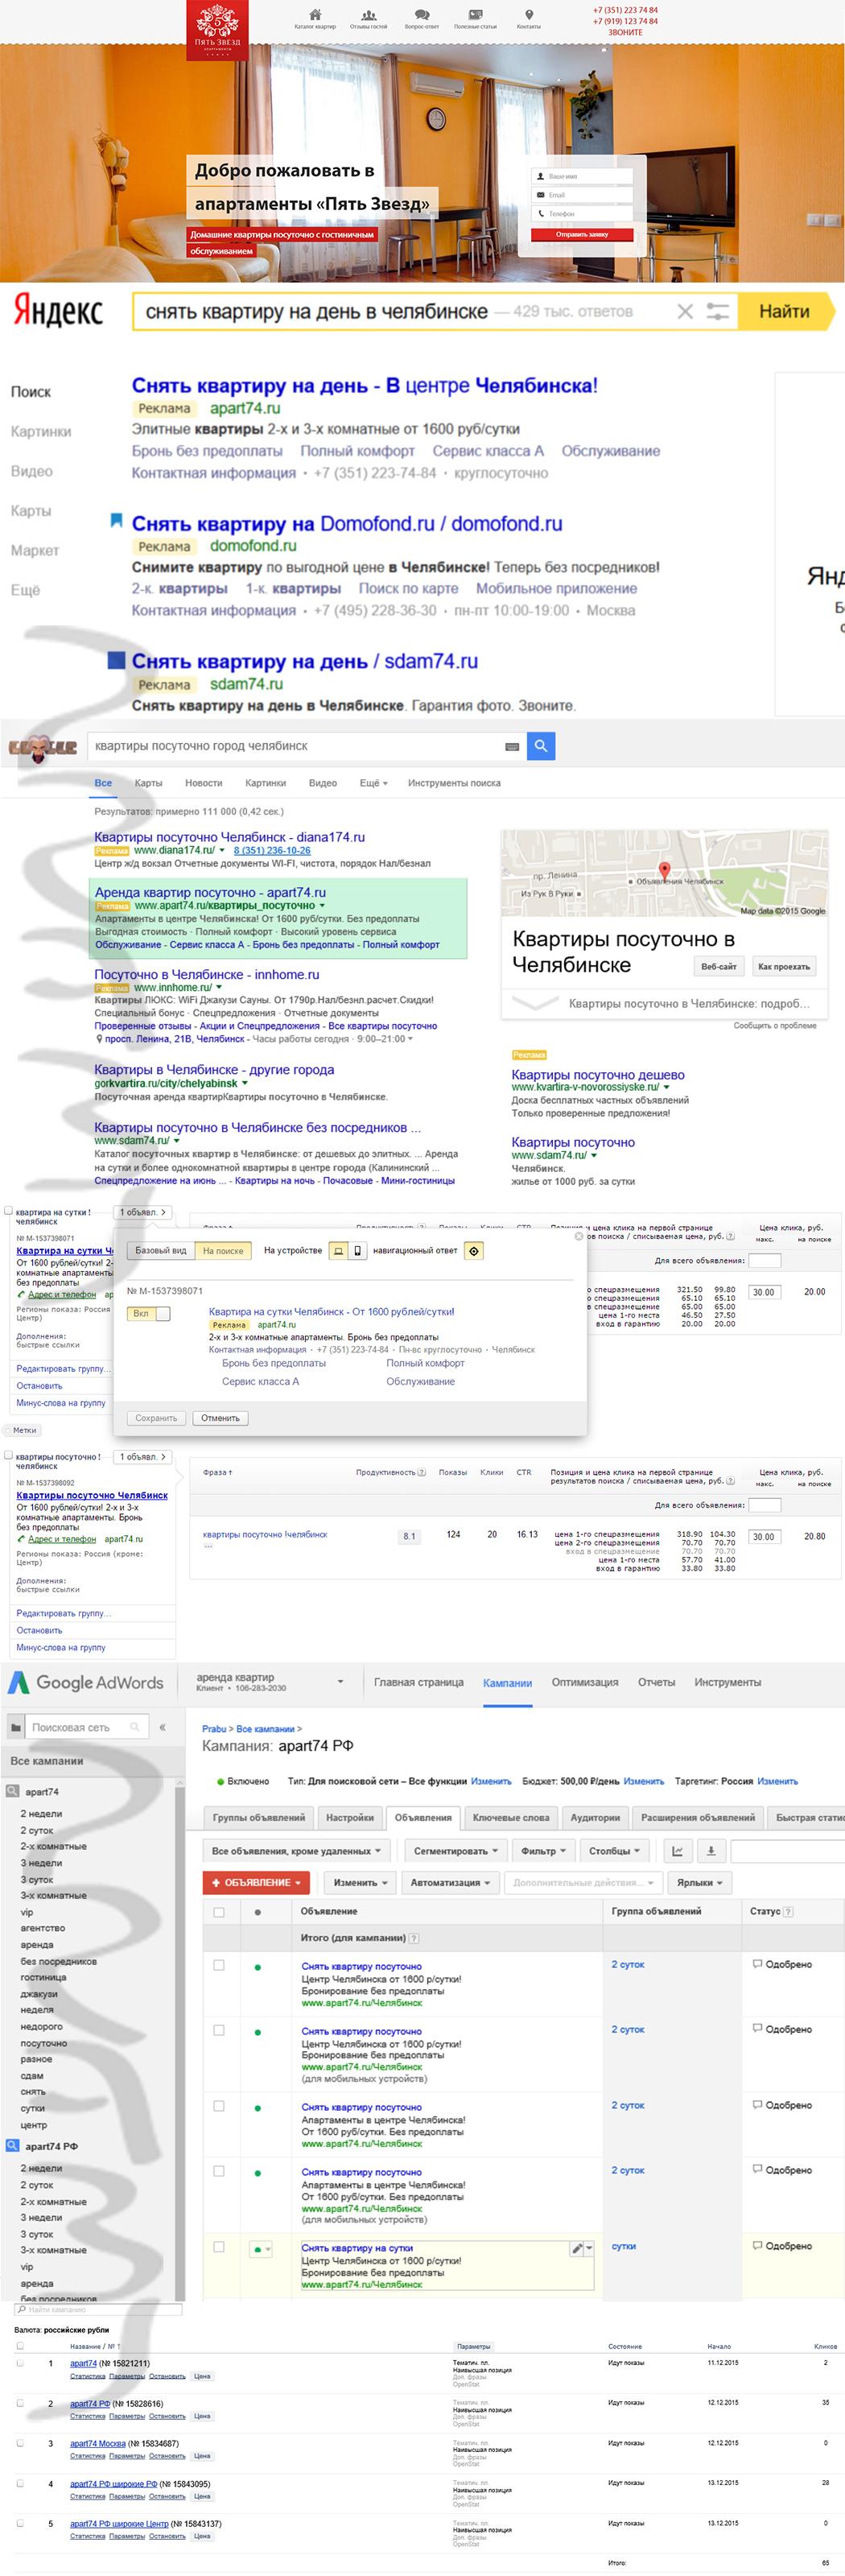 Google Ads и Яндекс Директ | Весь мир | Аренда квартир в Челябинске | Аренда жилья